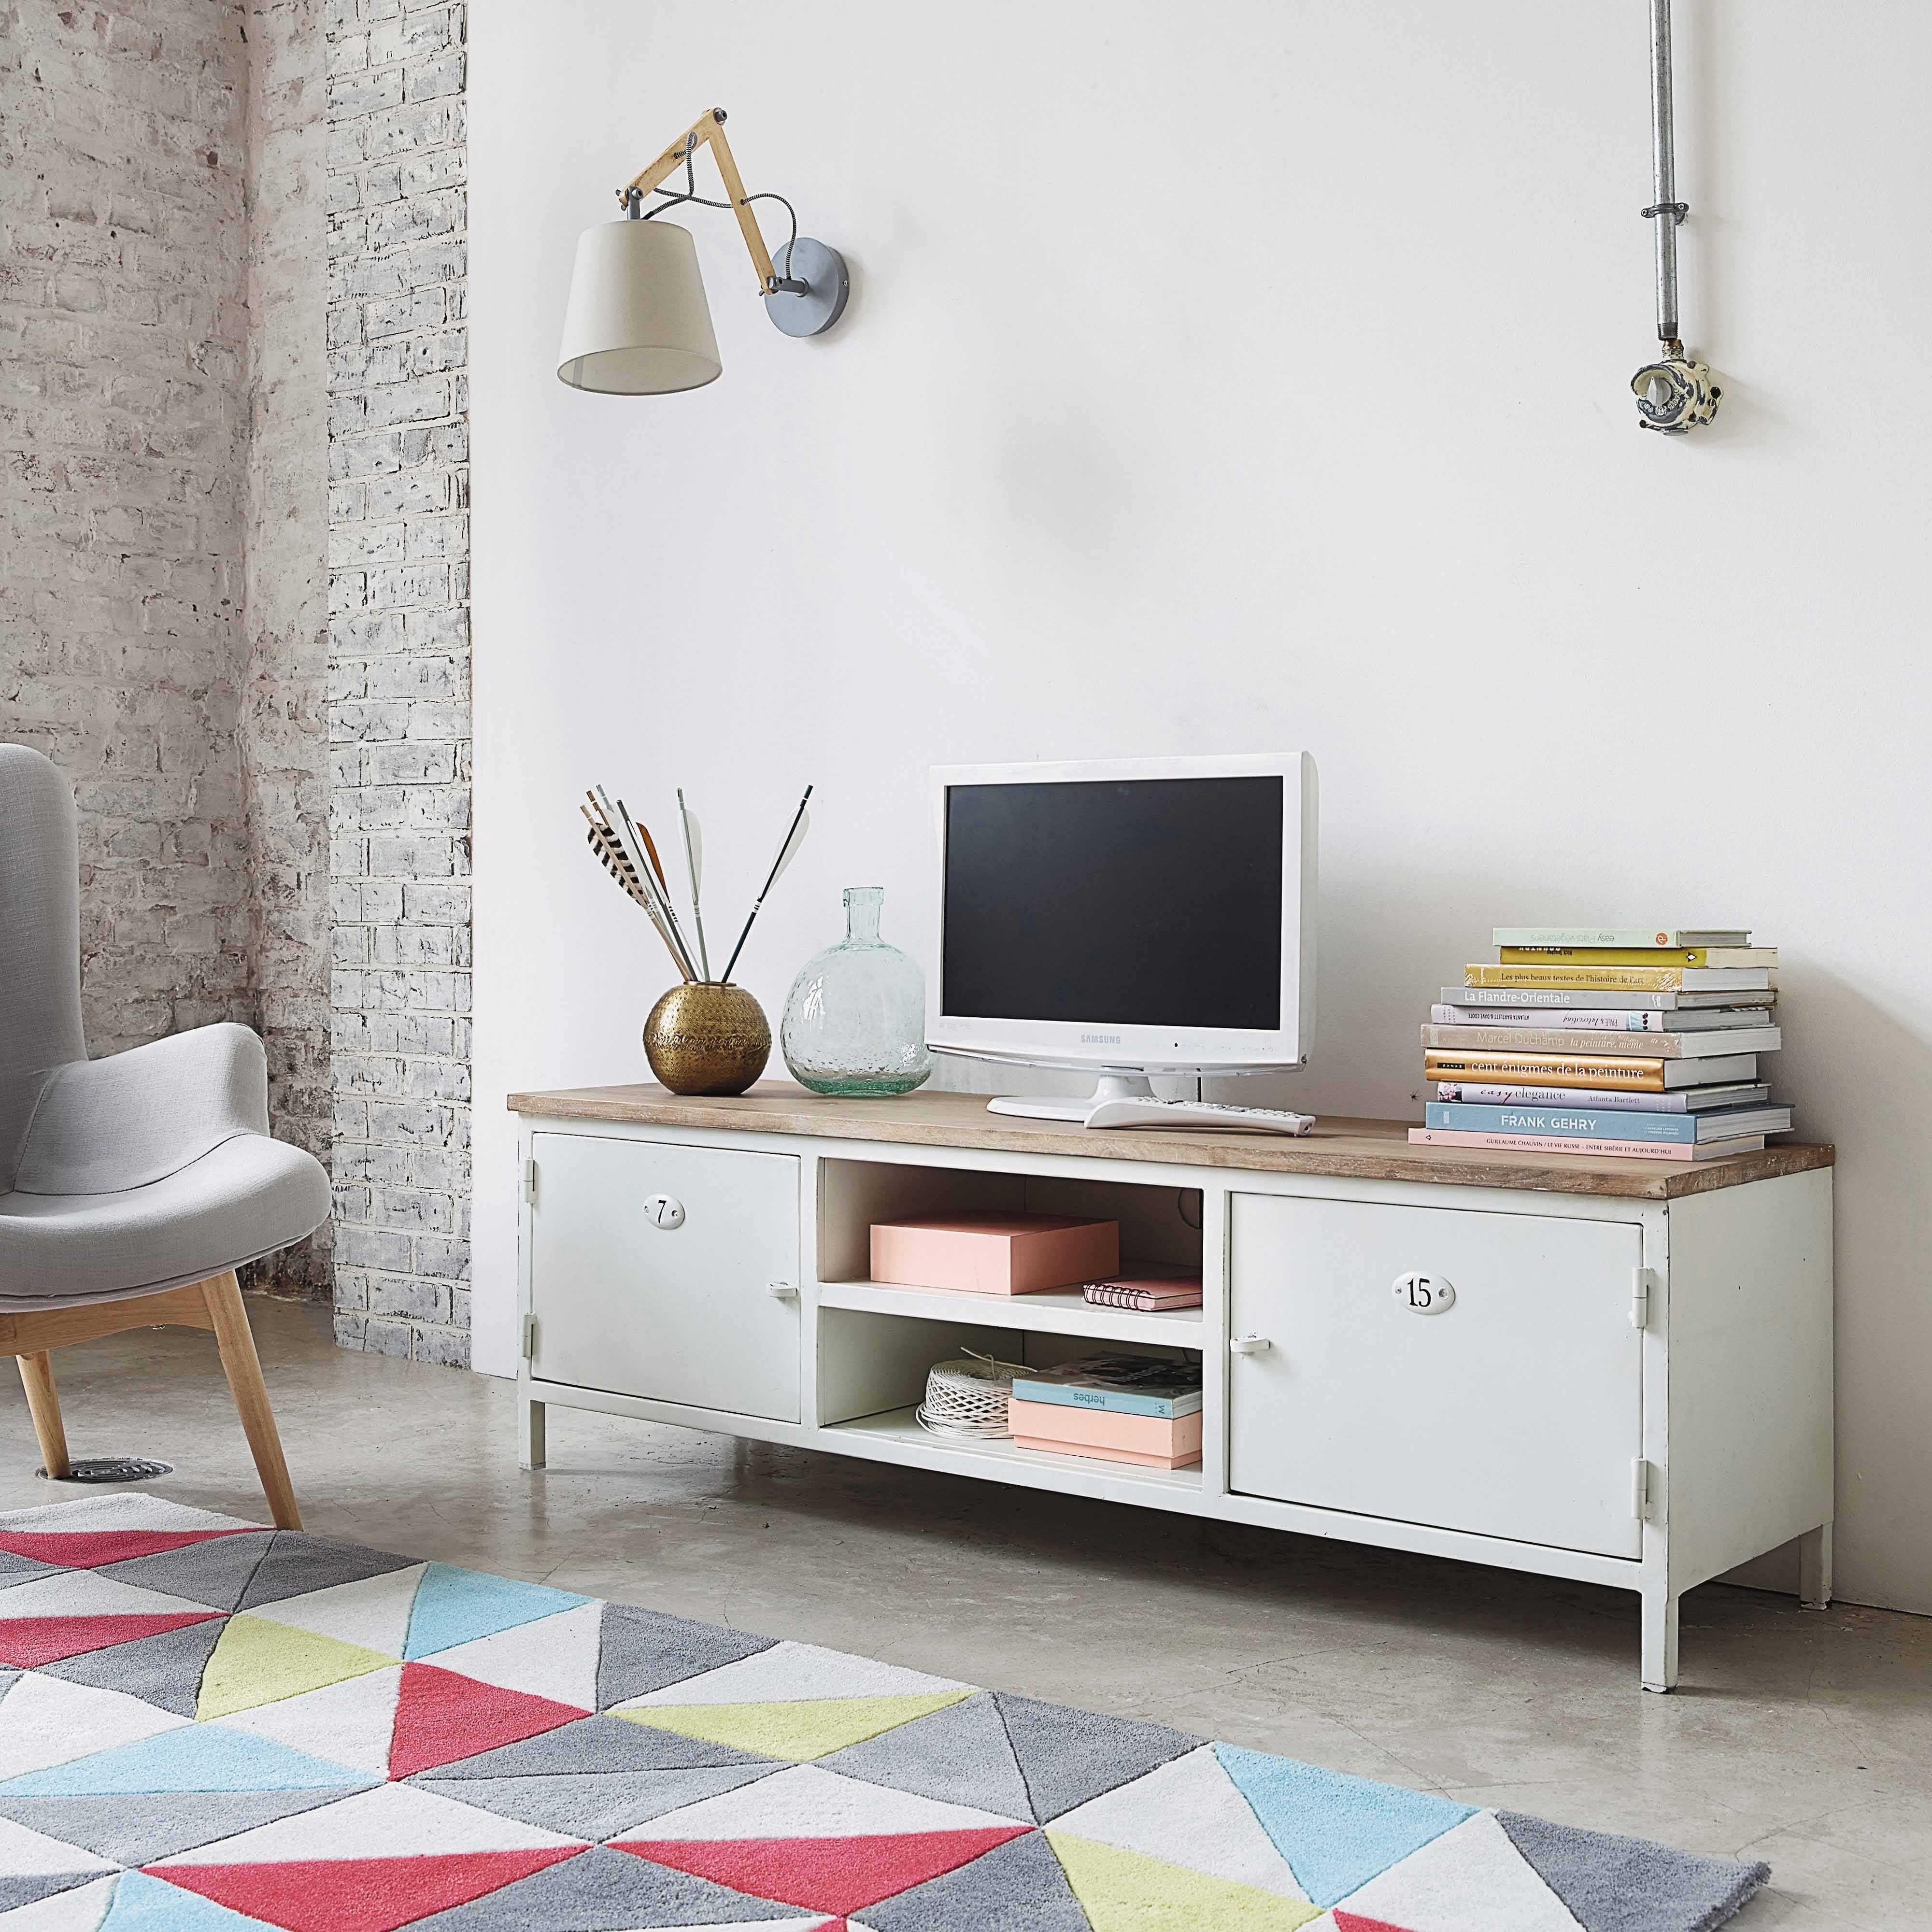 Einfache Dekoration Und Mobel Moderne Tv Moebel Fuer Das Wohnzimmer #19: TV-Möbel Aus Metall Und Mangoholz, B 153 Cm, Weiß Copernic | Maisons